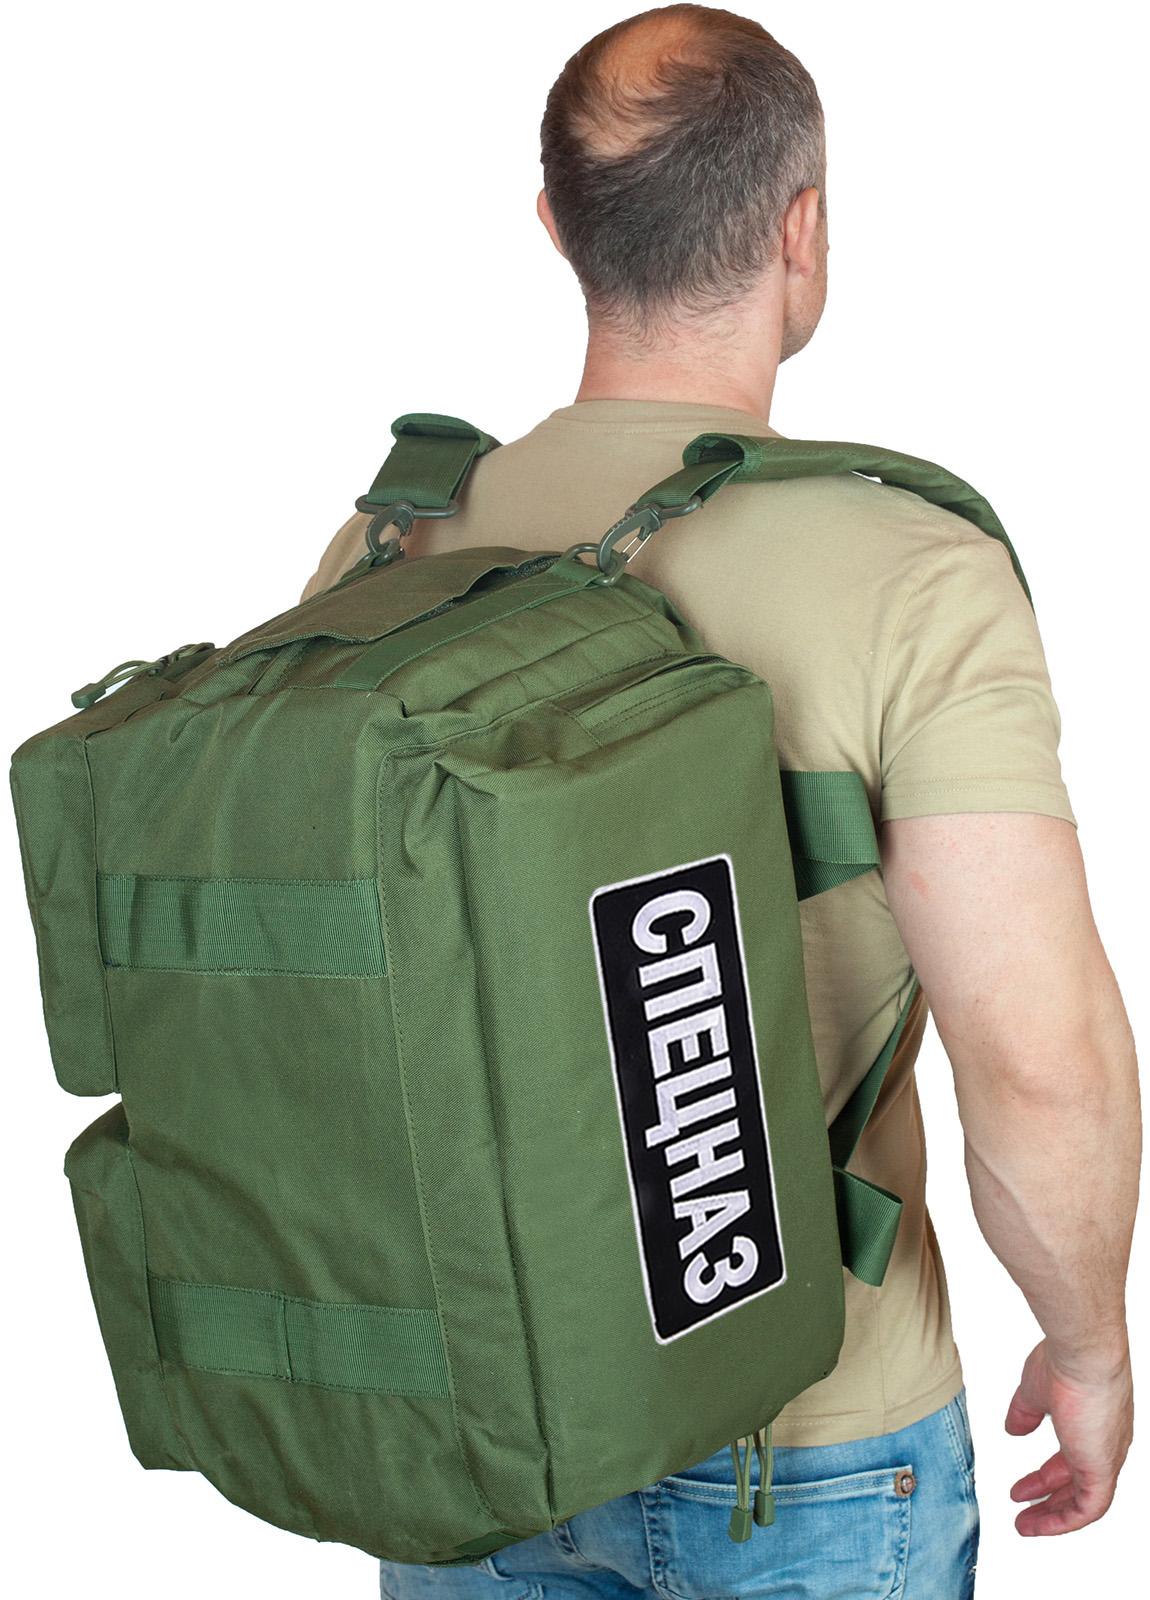 Купить спецназовскую сумку  с лямками рюкзака